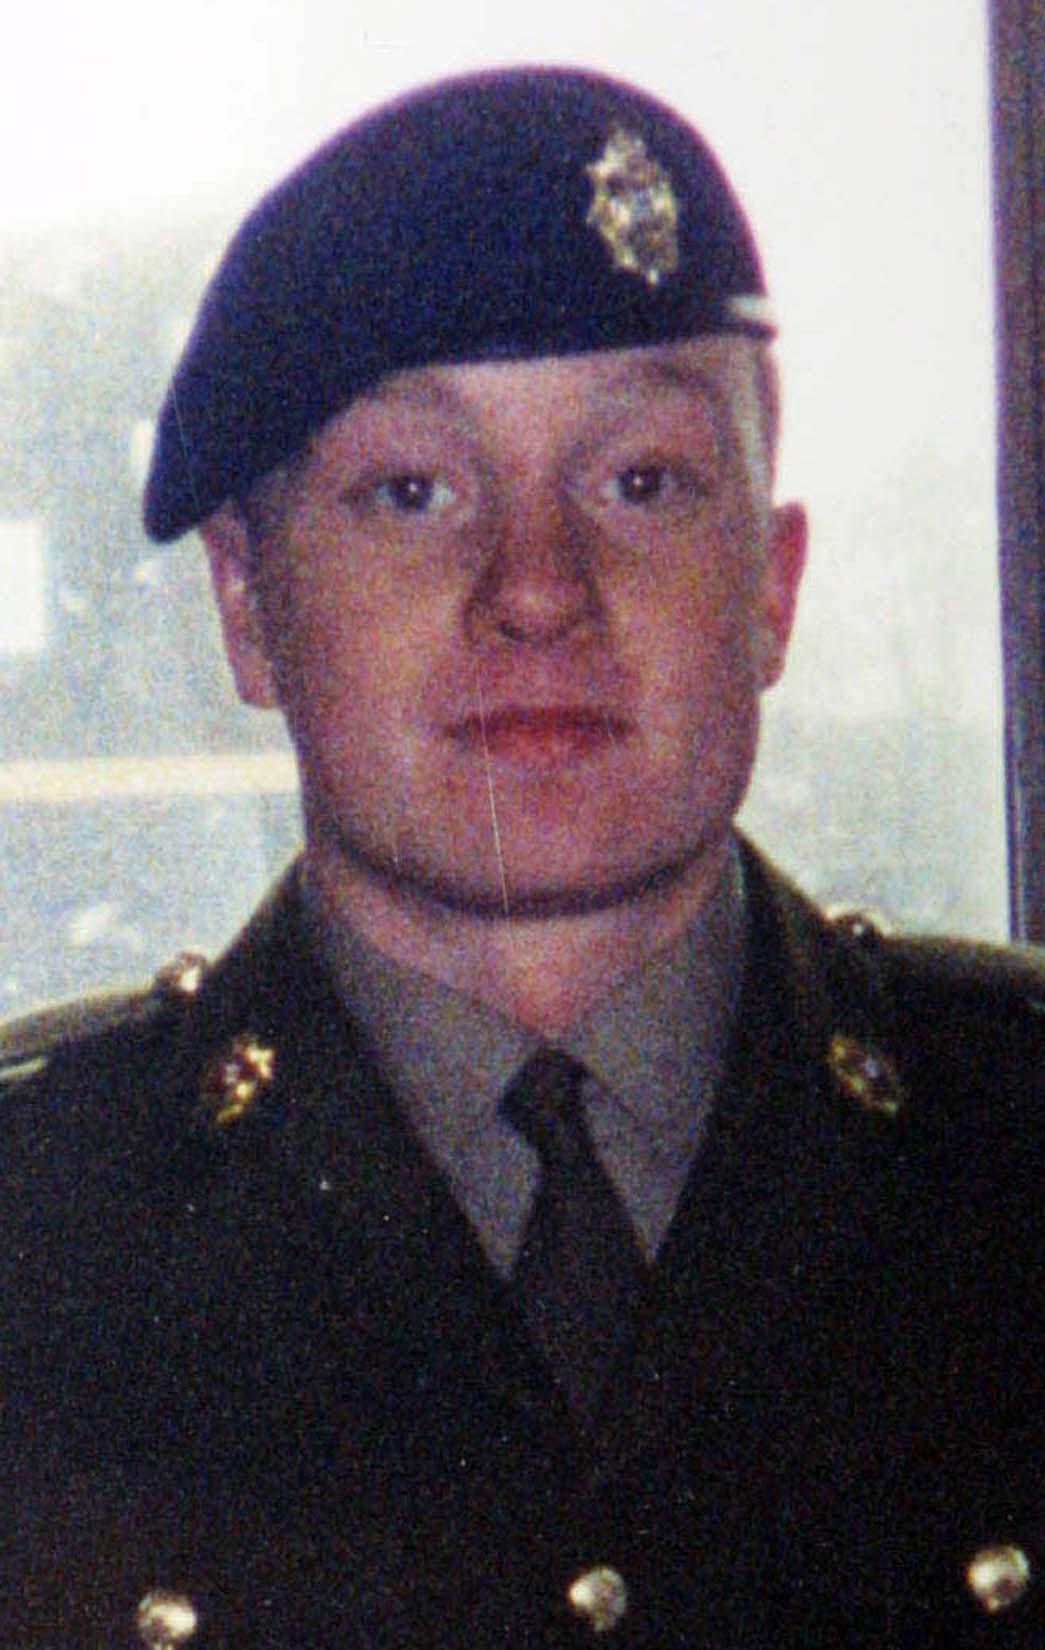 Private James Collinson.